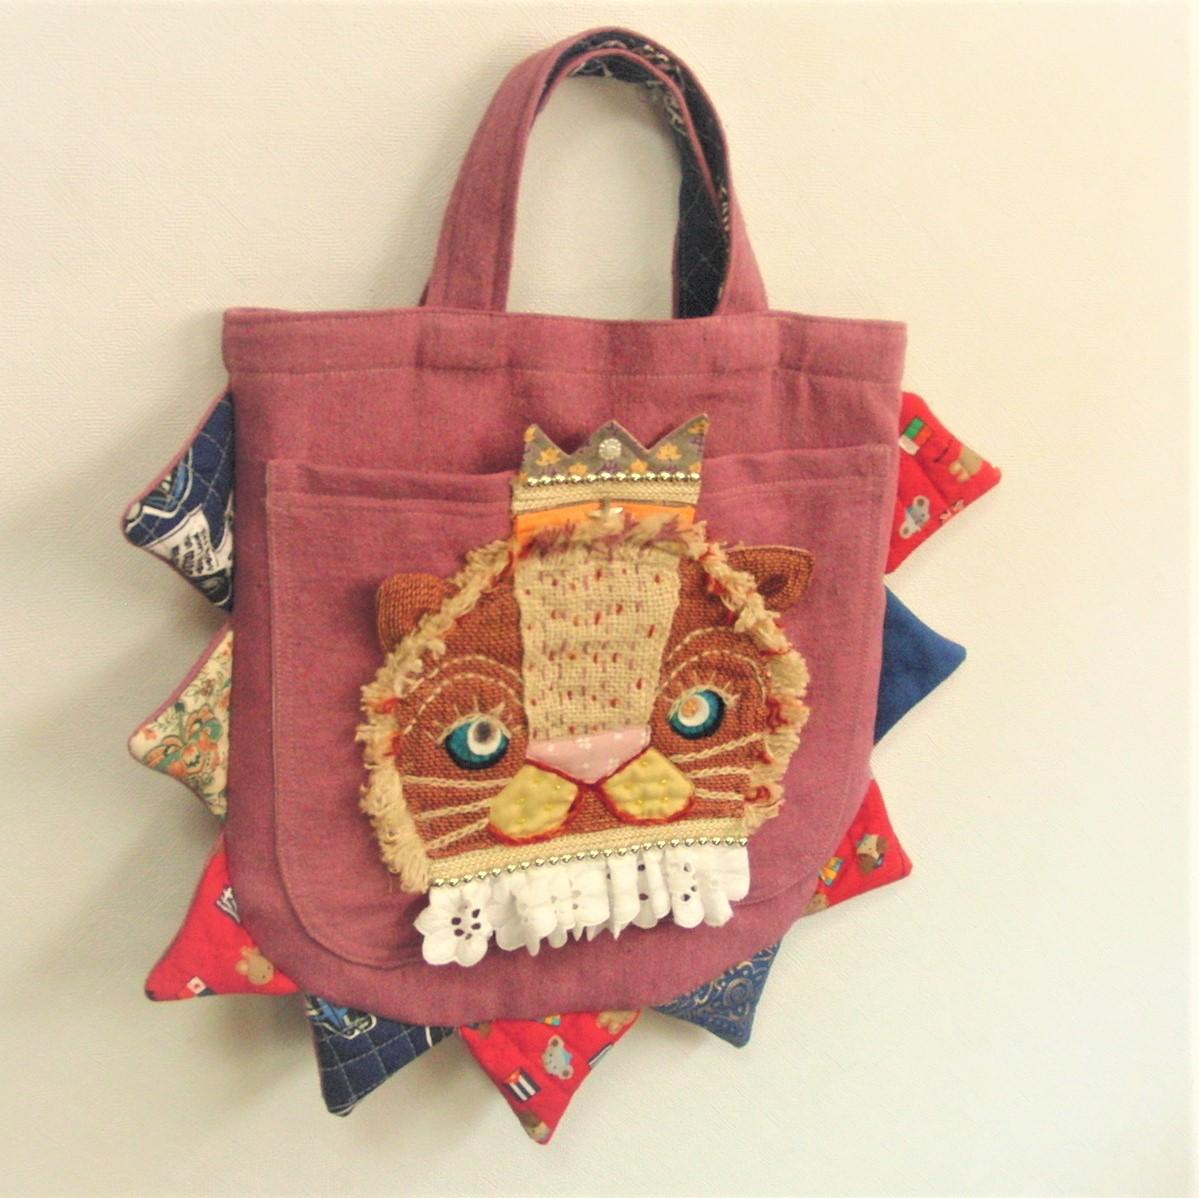 思いっきり遊び心満載の布バッグ